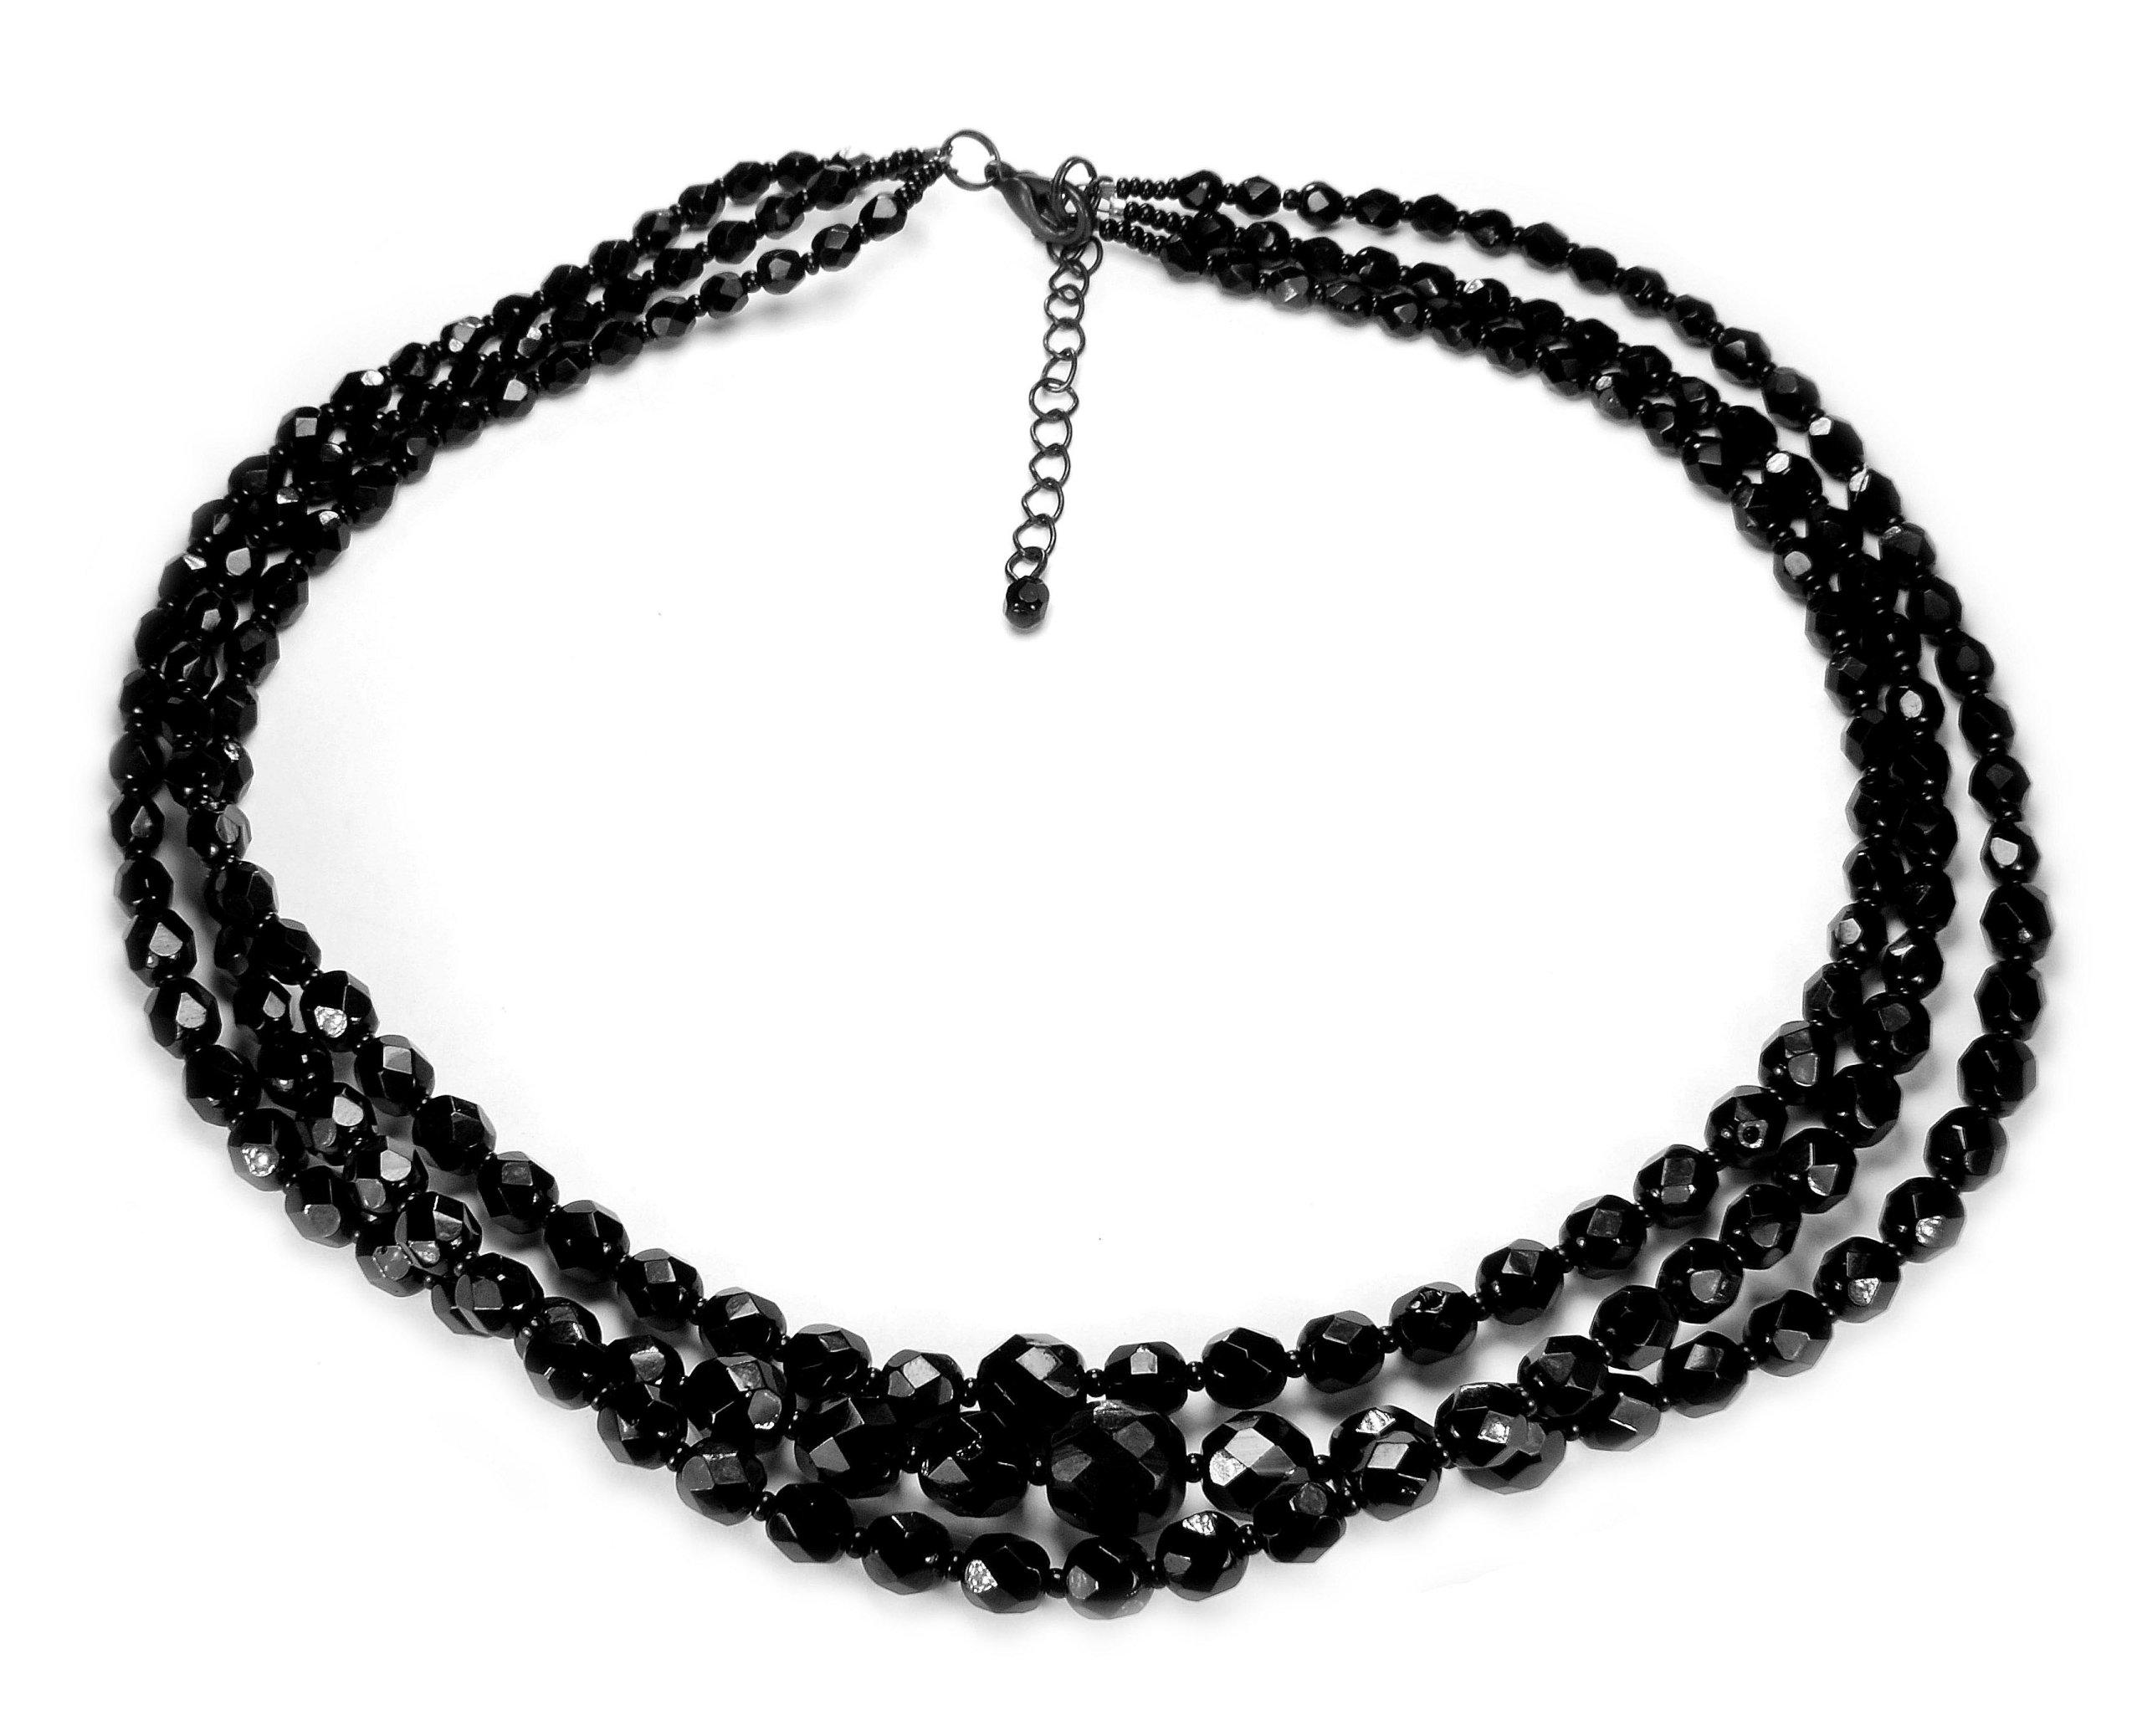 korale naszyjnik potrójny perły czarny elegancki 6620992532 - Allegro.pl -  Więcej niż aukcje. 5b9c96618f3